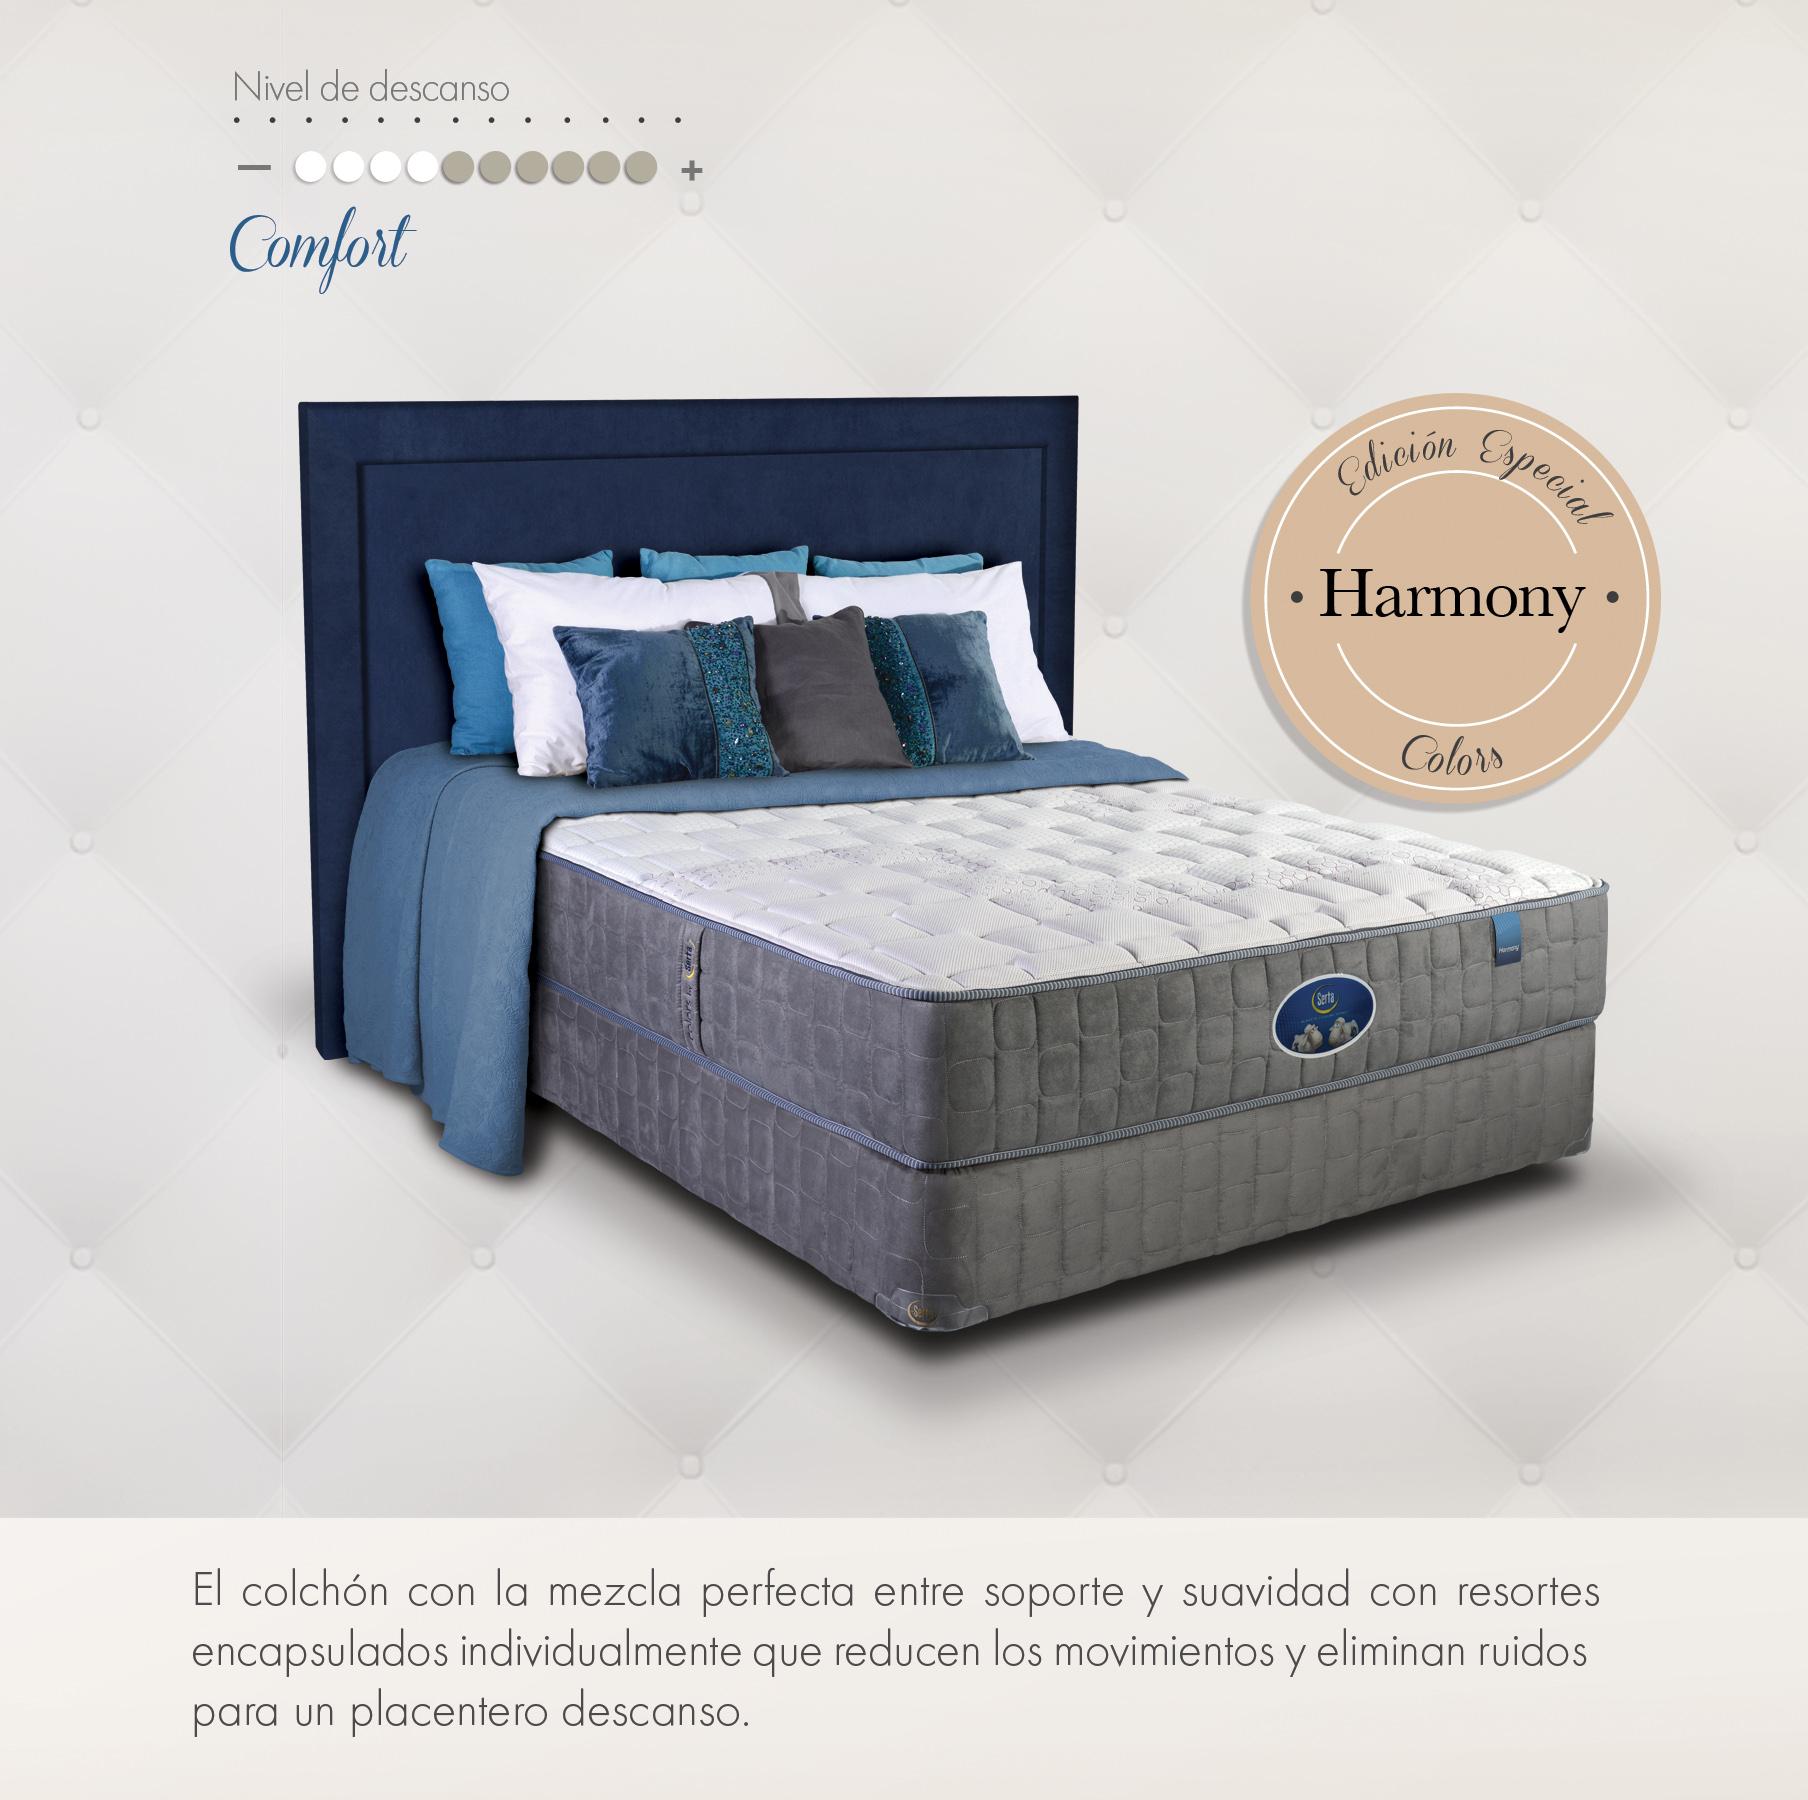 Serta harmony camas muebles para rec mara almohadas y for Cama olympia